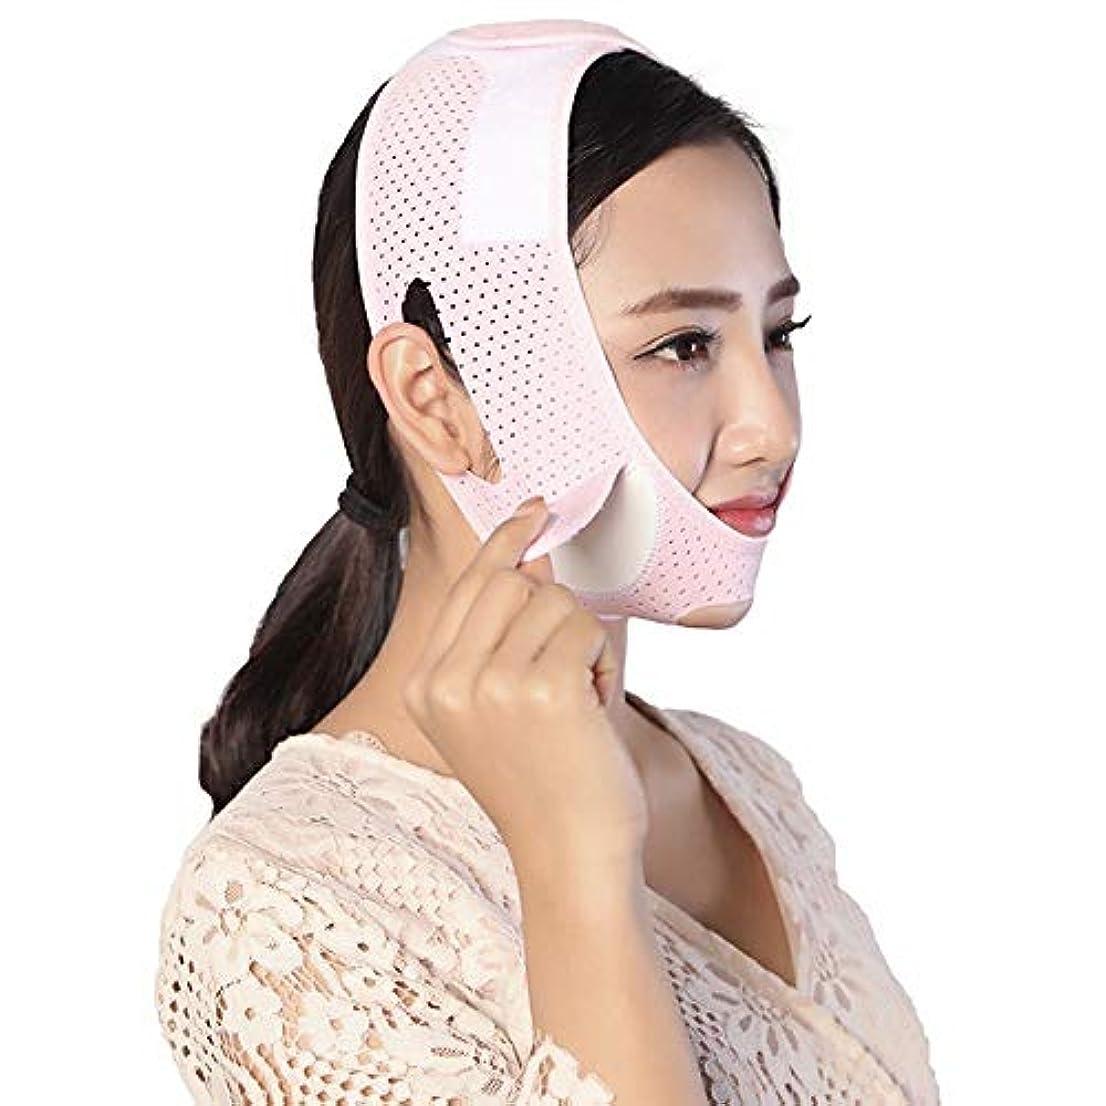 速い機知に富んだ機構BS フェイシャルリフティング痩身ベルト - 圧縮二重あご減量ベルトスキンケア薄い顔包帯 フェイスリフティングアーティファクト